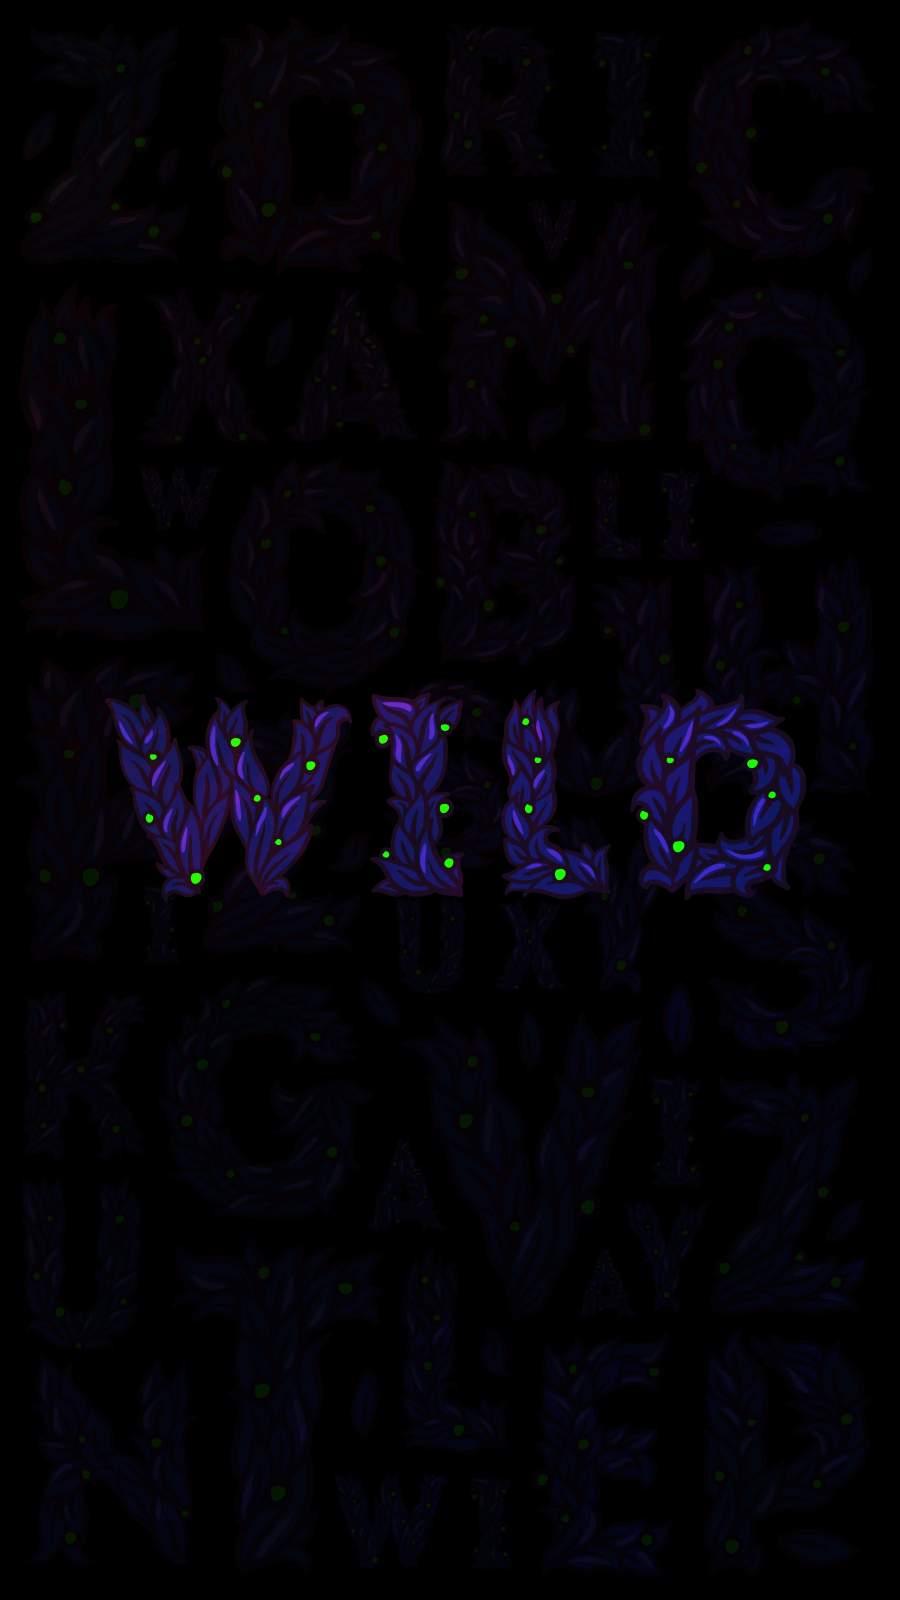 Wild iPhone Wallpaper